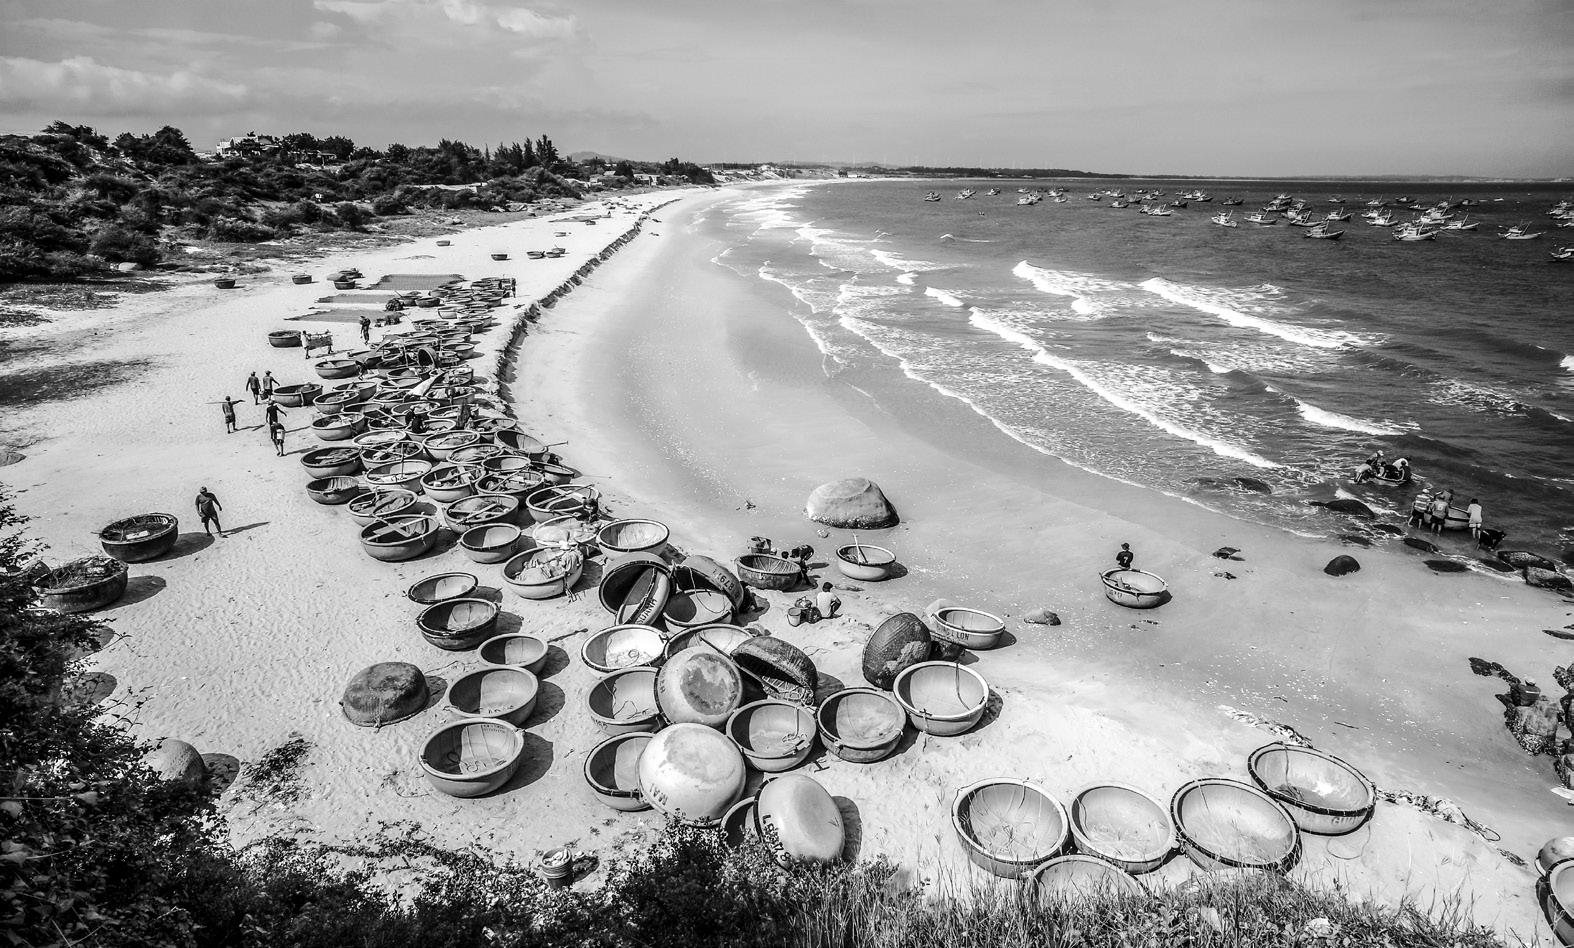 Bãi biển Mỹ Thuỷ, huyện Hải Lăng, Quảng Trị My Thuy beach, Hai Lang district, Quang Tri province